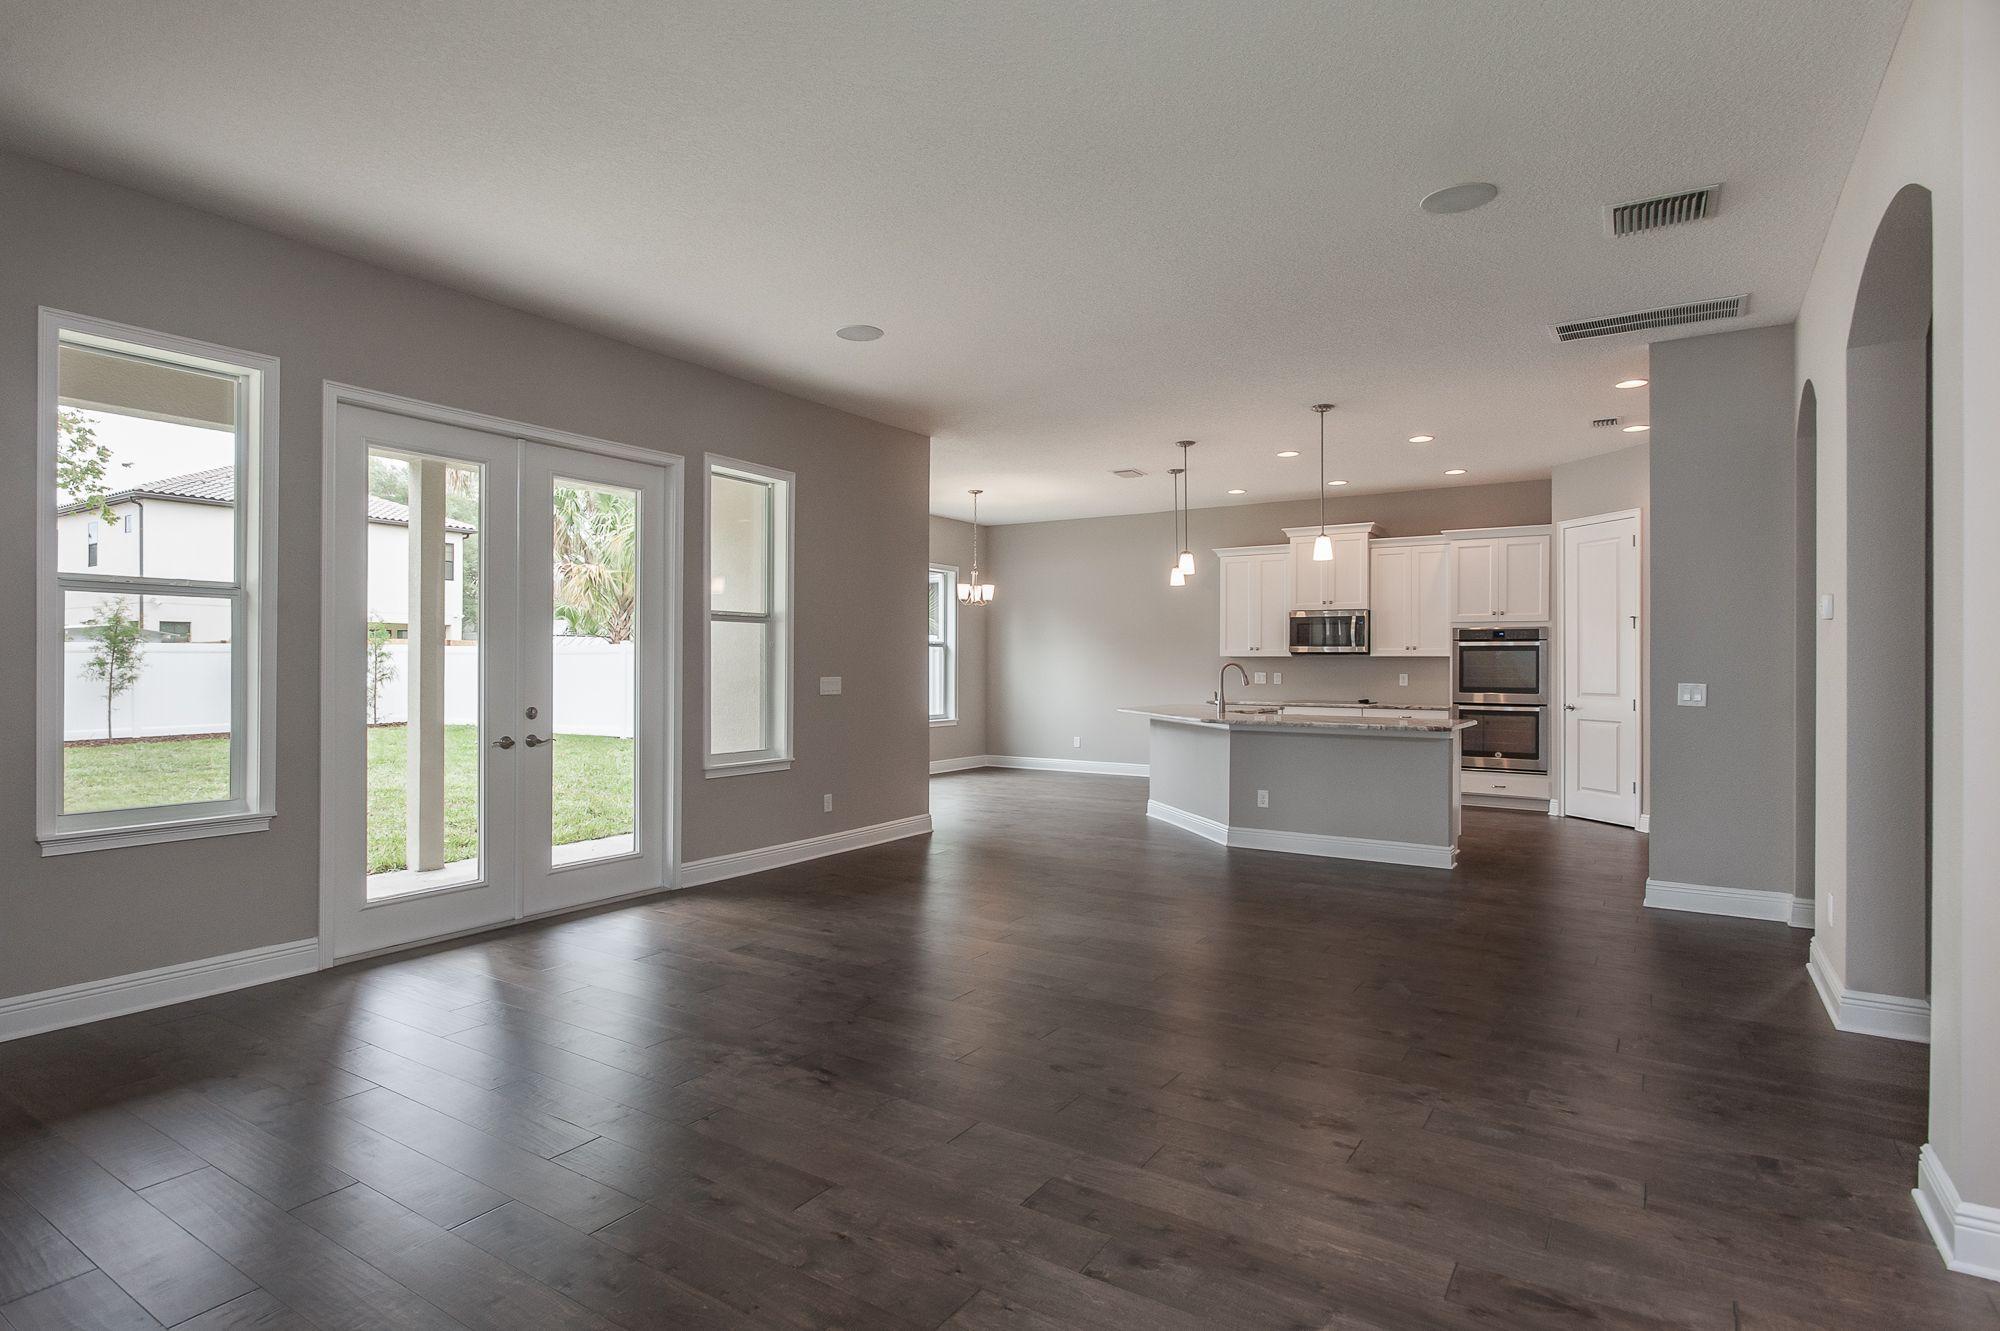 Sherwin Williams Collonade Gray Grey Walls Living Room Grey